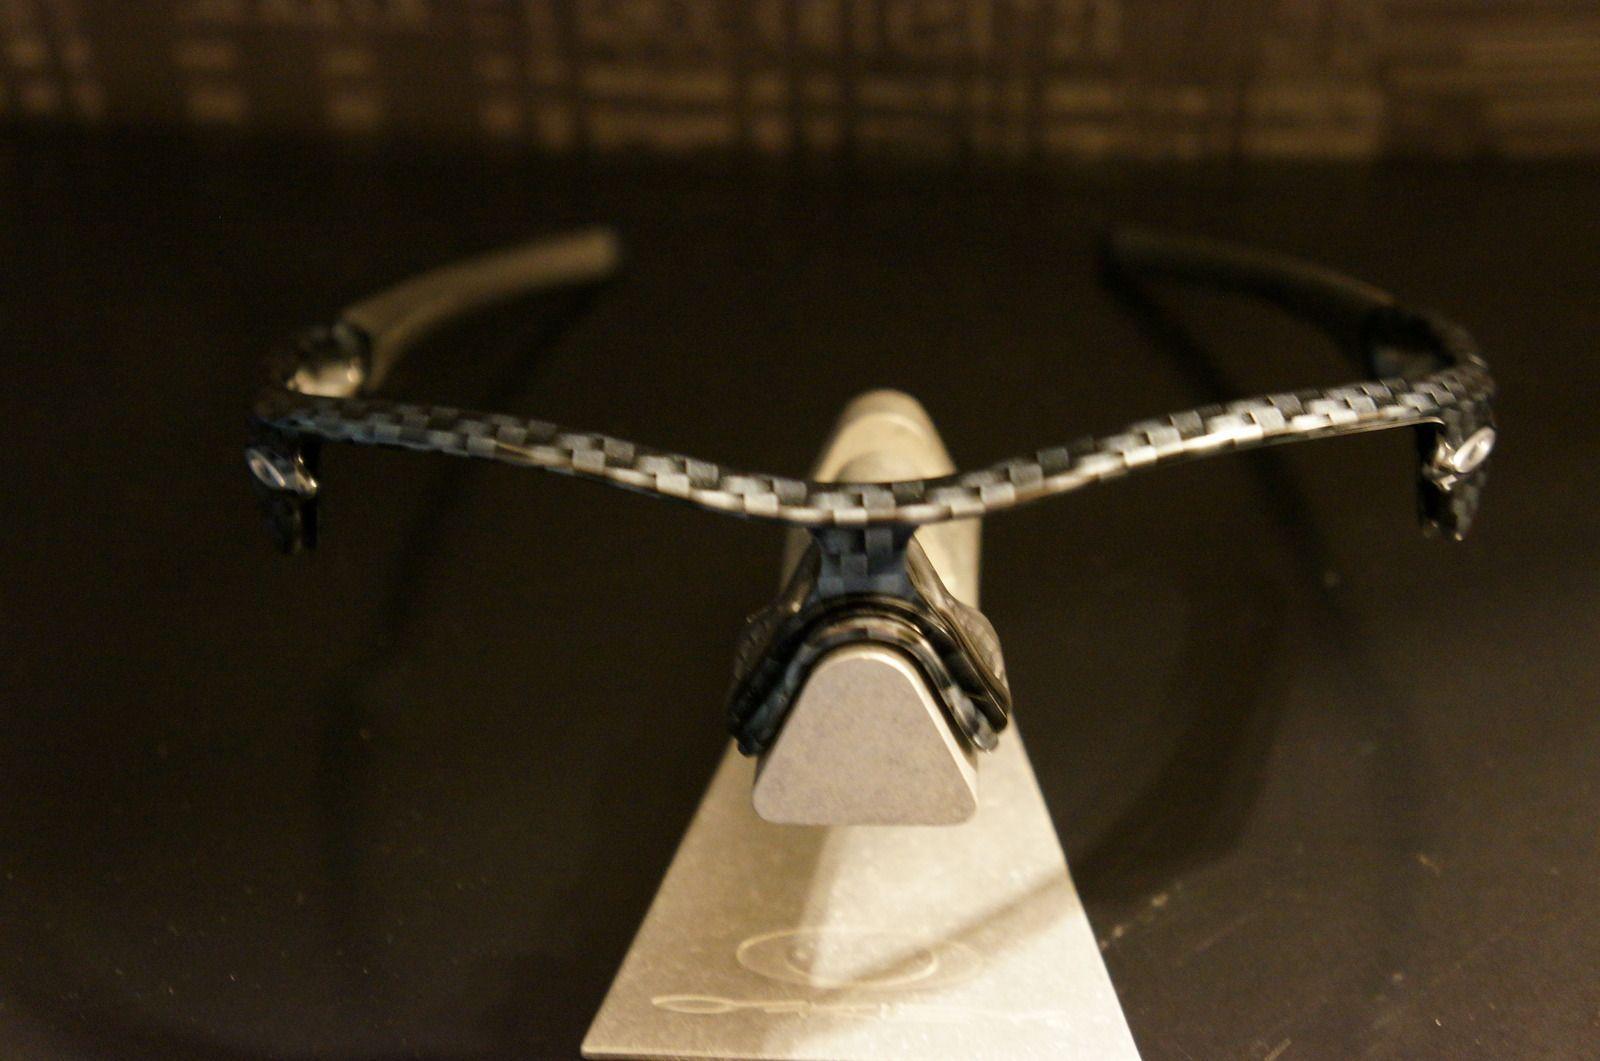 Fire Sale - Radarlock, Radar & Jawbone Frames - ykm8.jpg